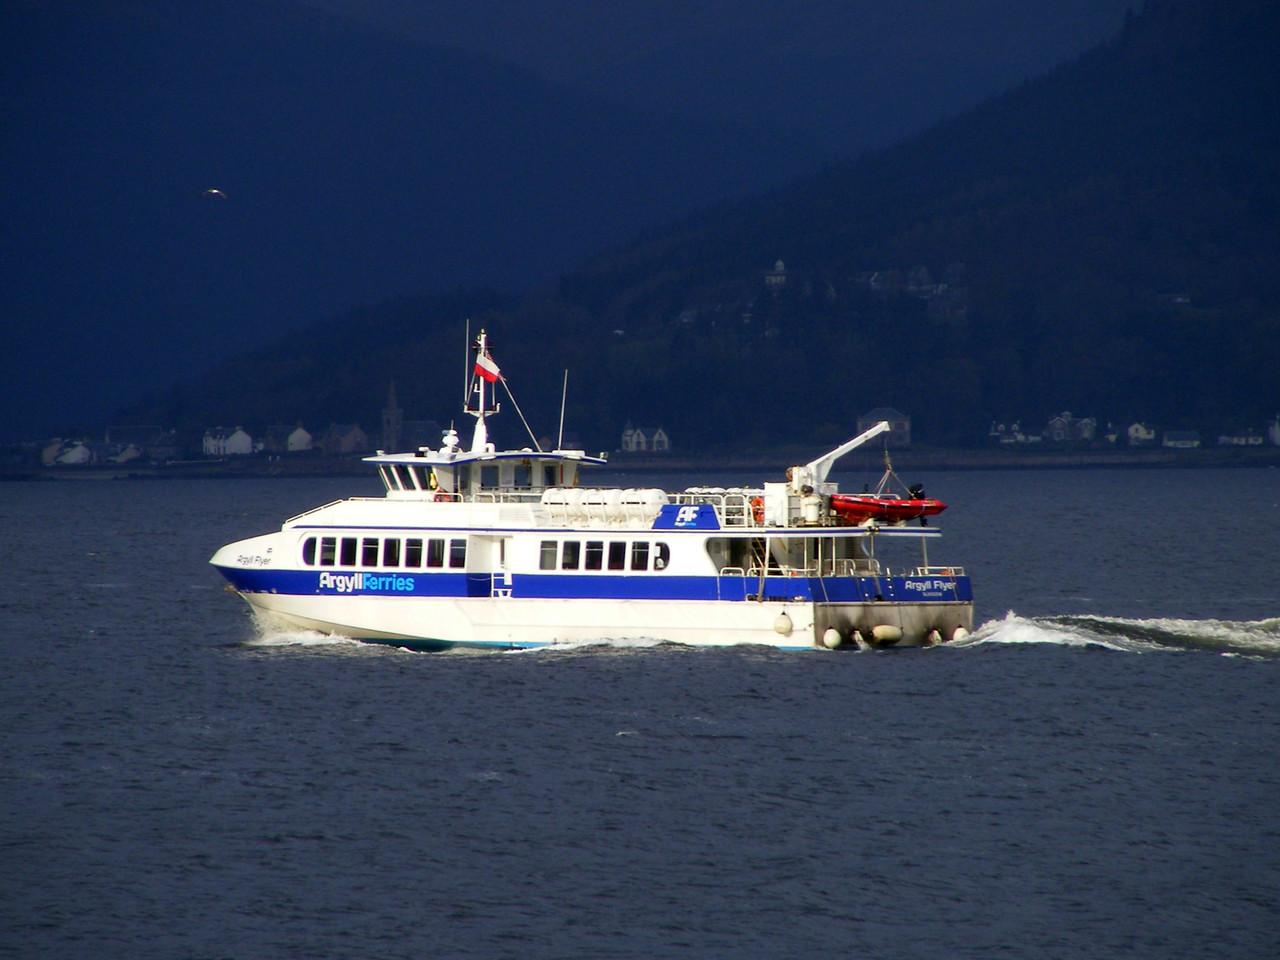 MV Argyll Flyer - Flickr